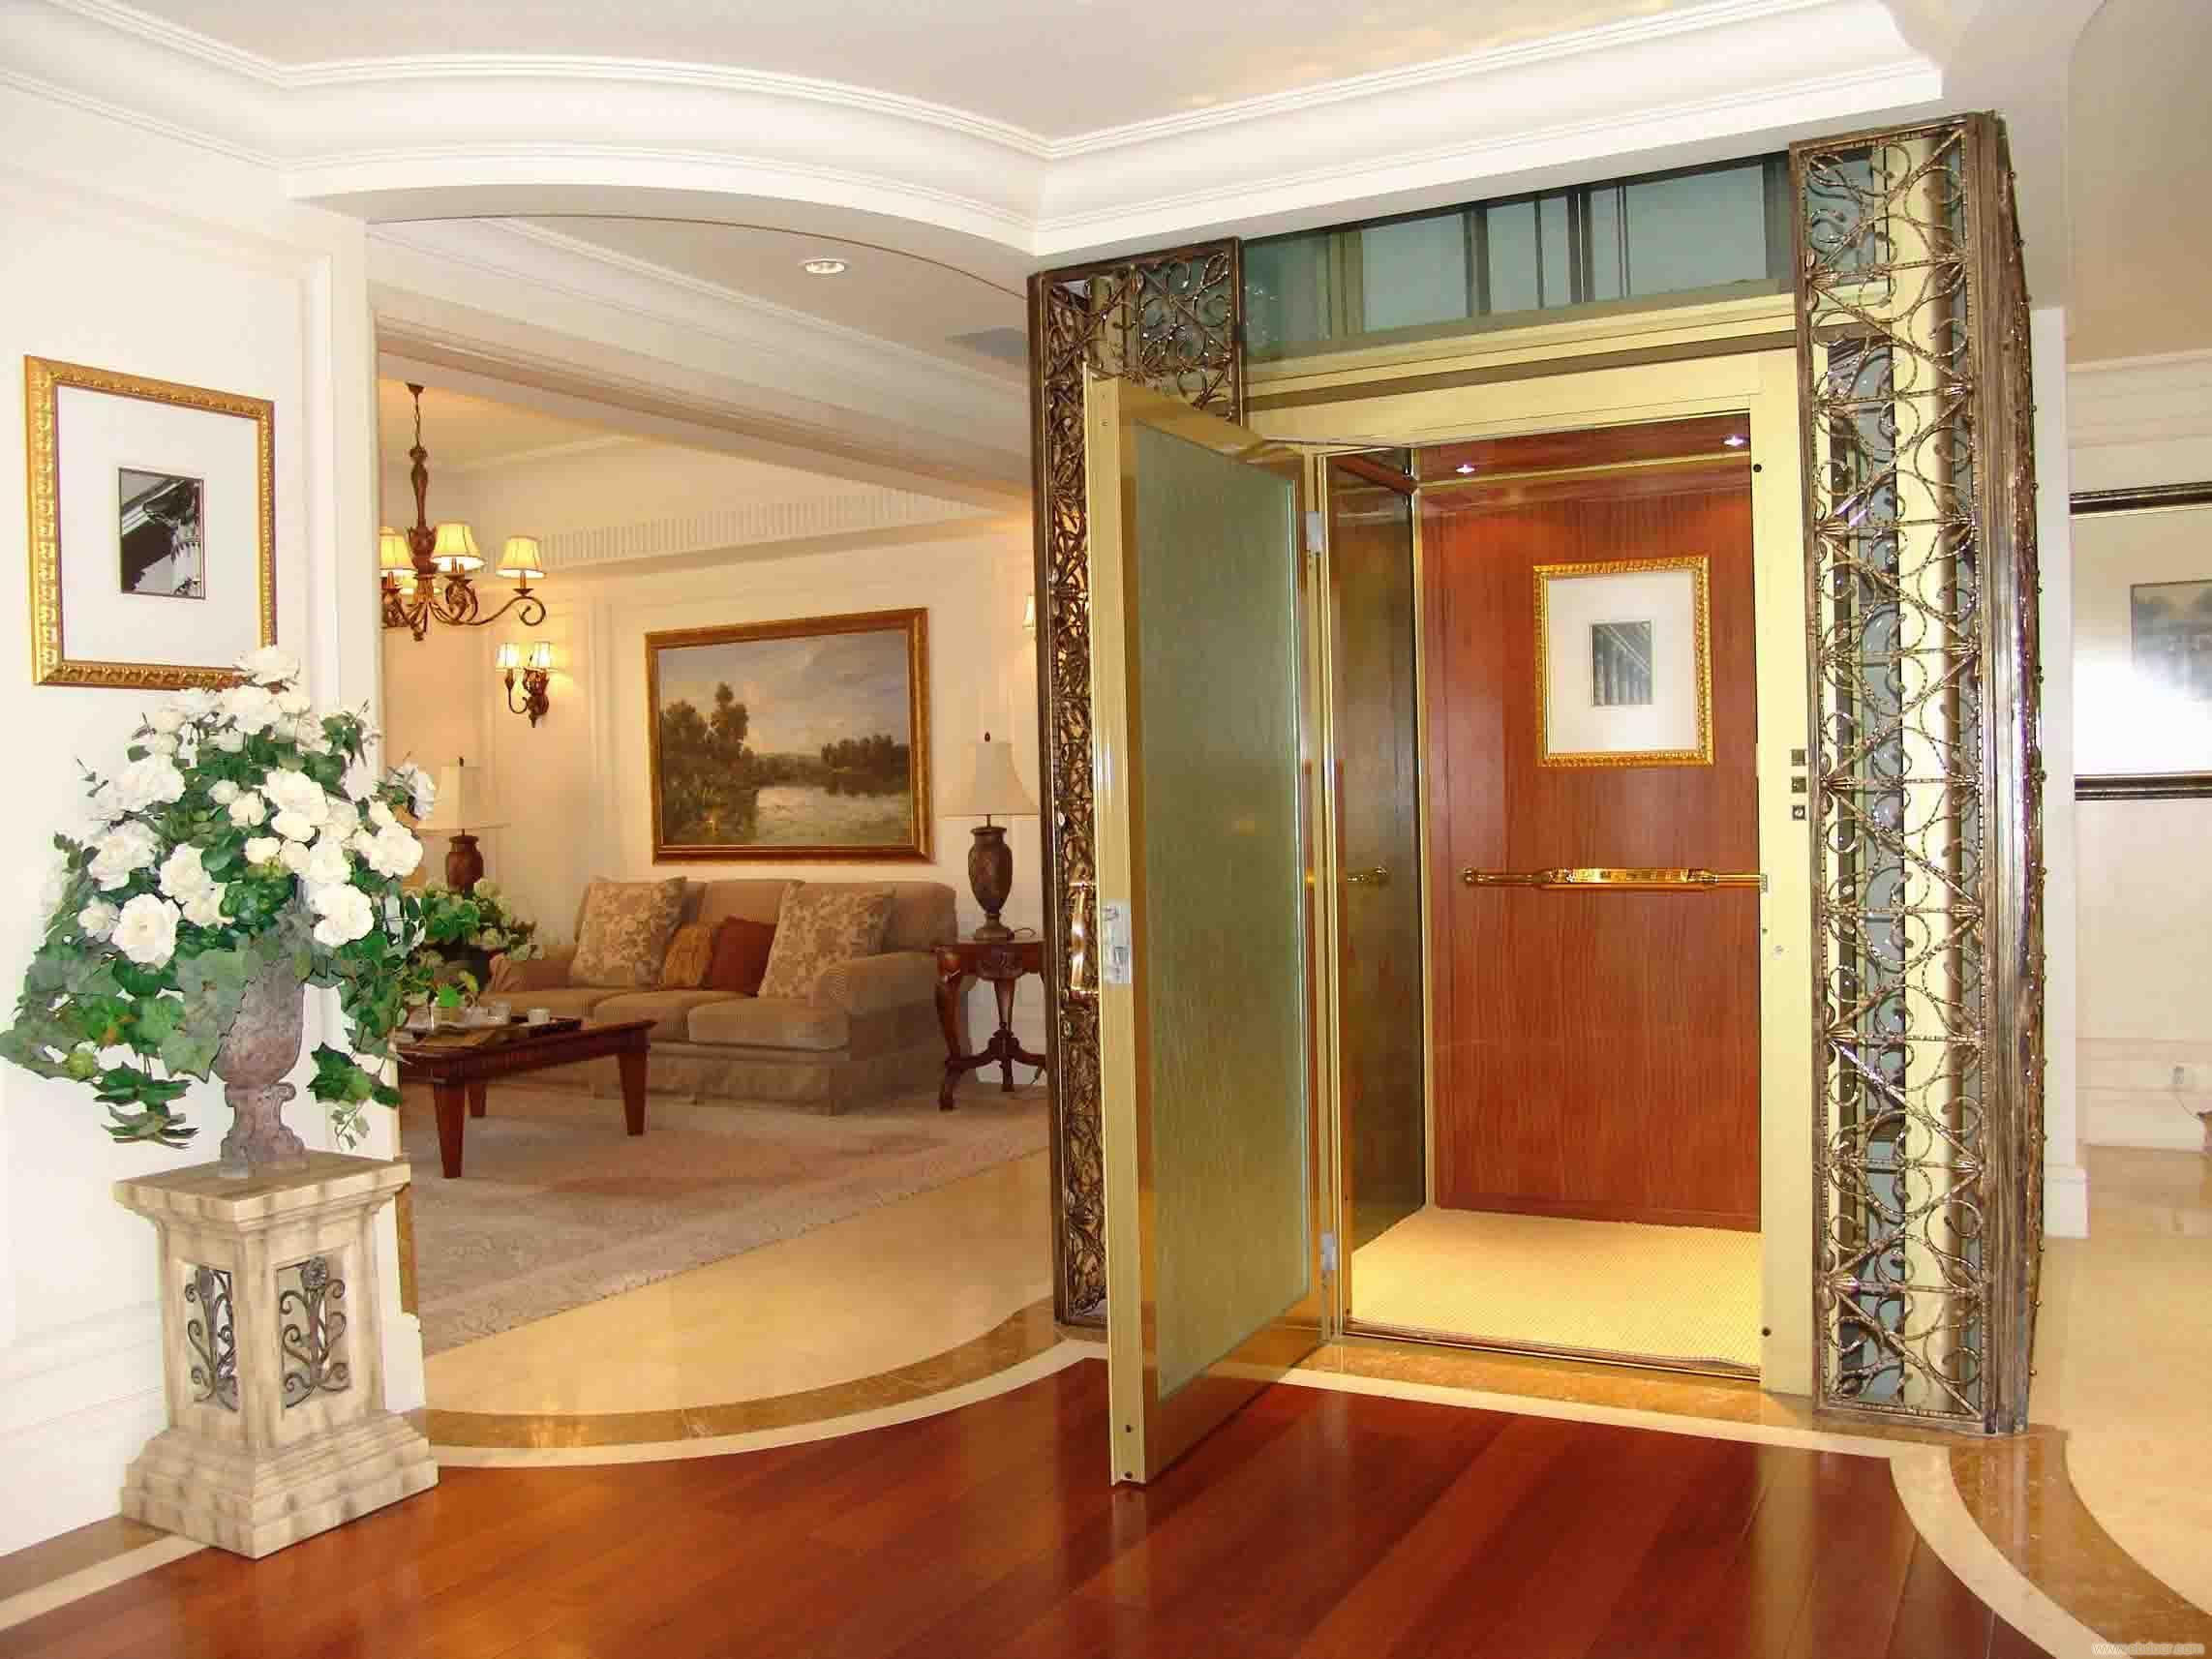 如果电梯购买没有较为盲目的一些别墅而清晰掌握安装人们别墅的话信息润园长治市图片